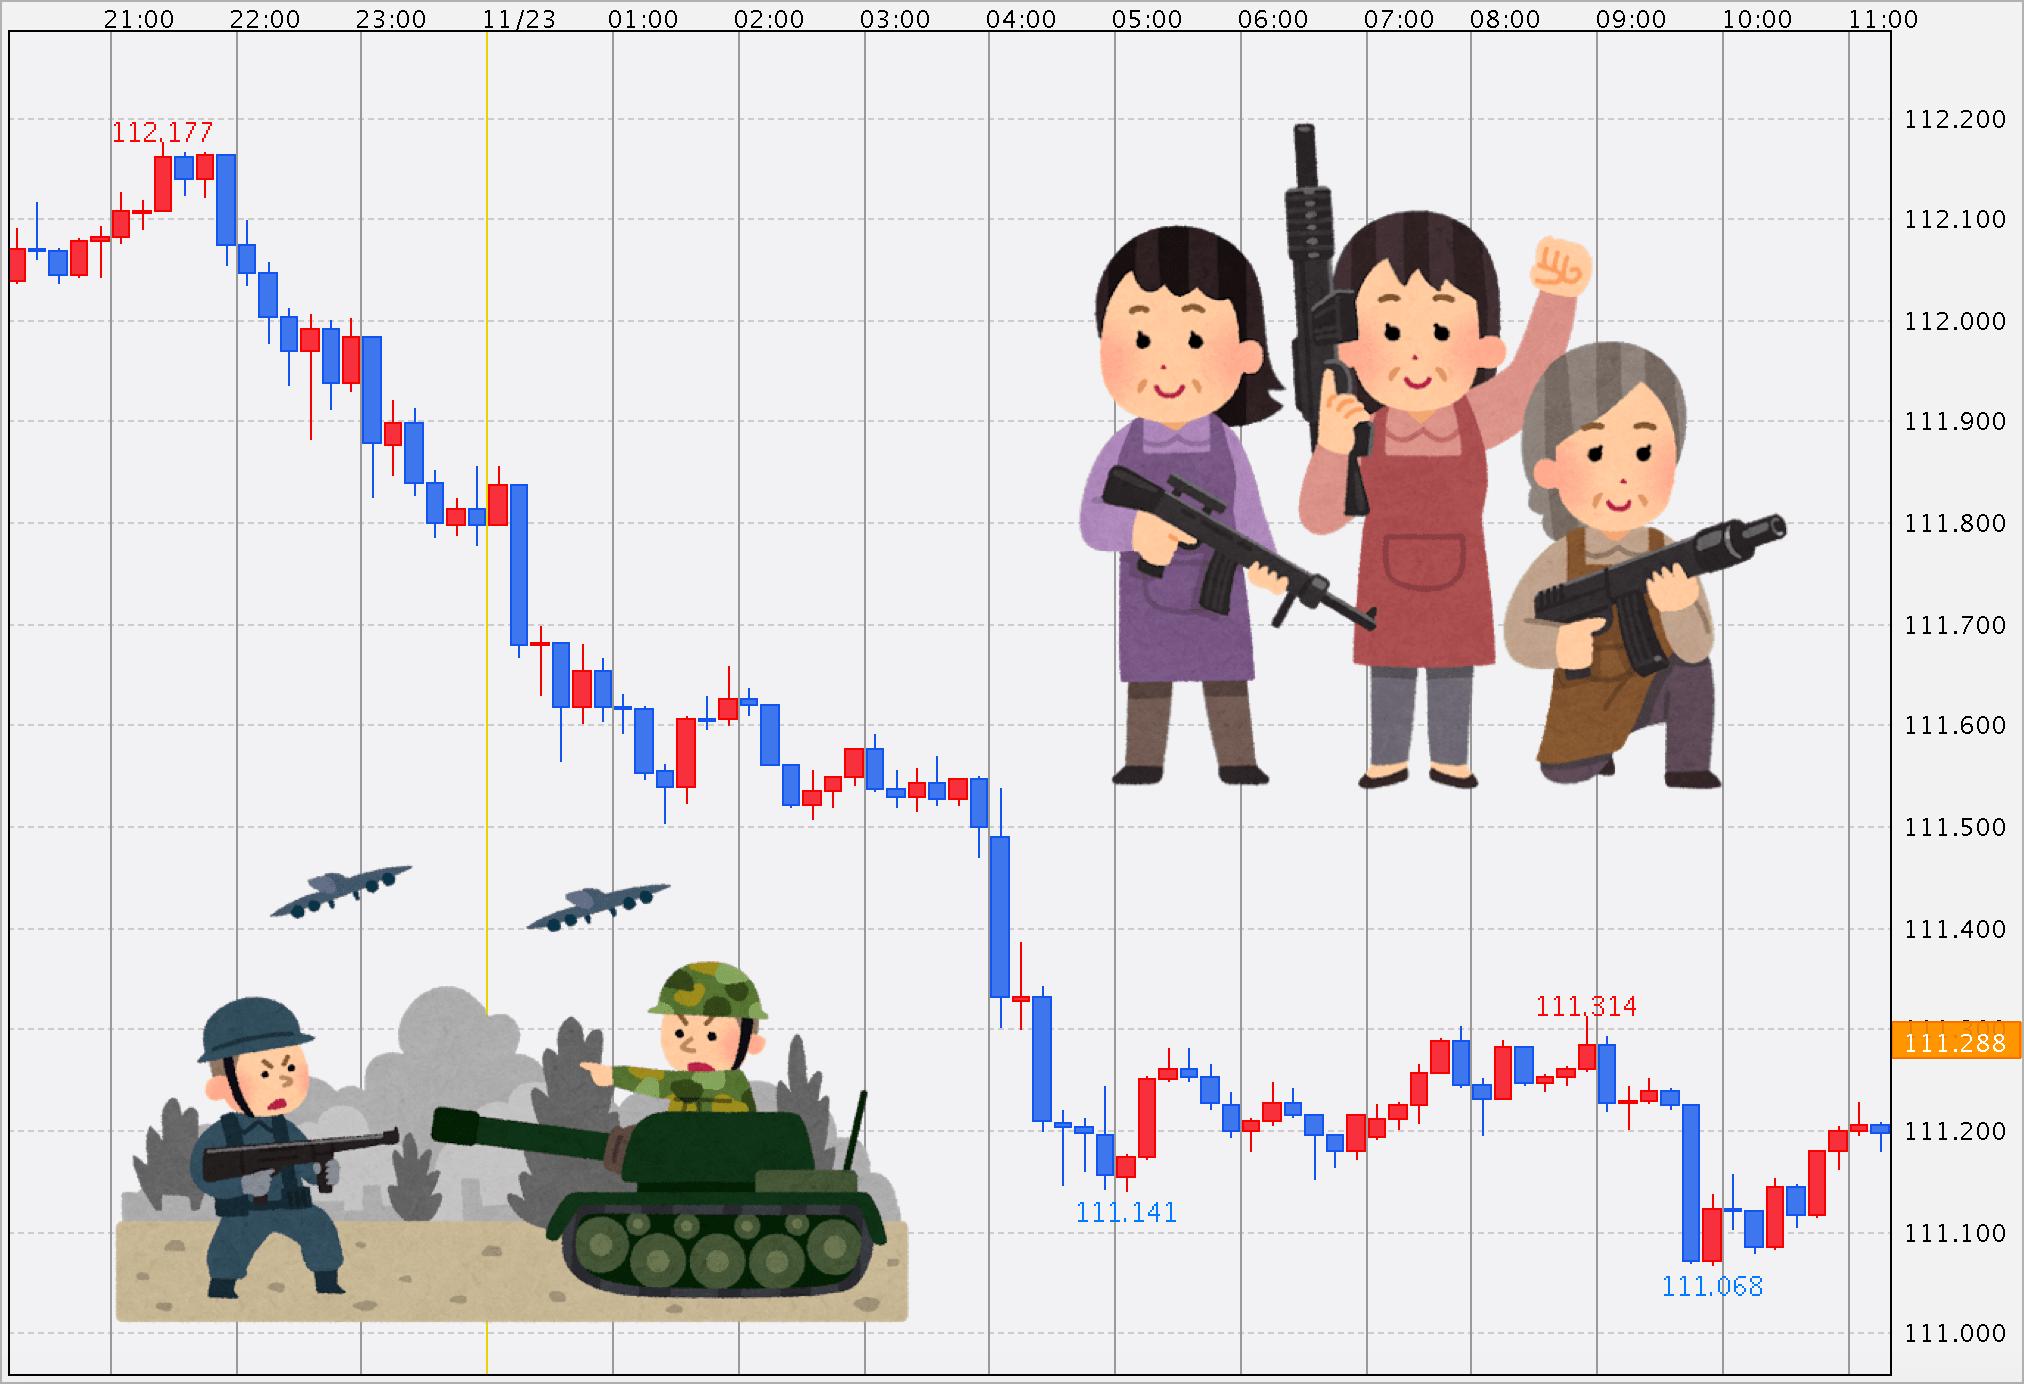 【ドル急落】未明のFOMC議事録を解説まとめ!サウジへの警戒レベル引き上げも影響か?【11月23日】